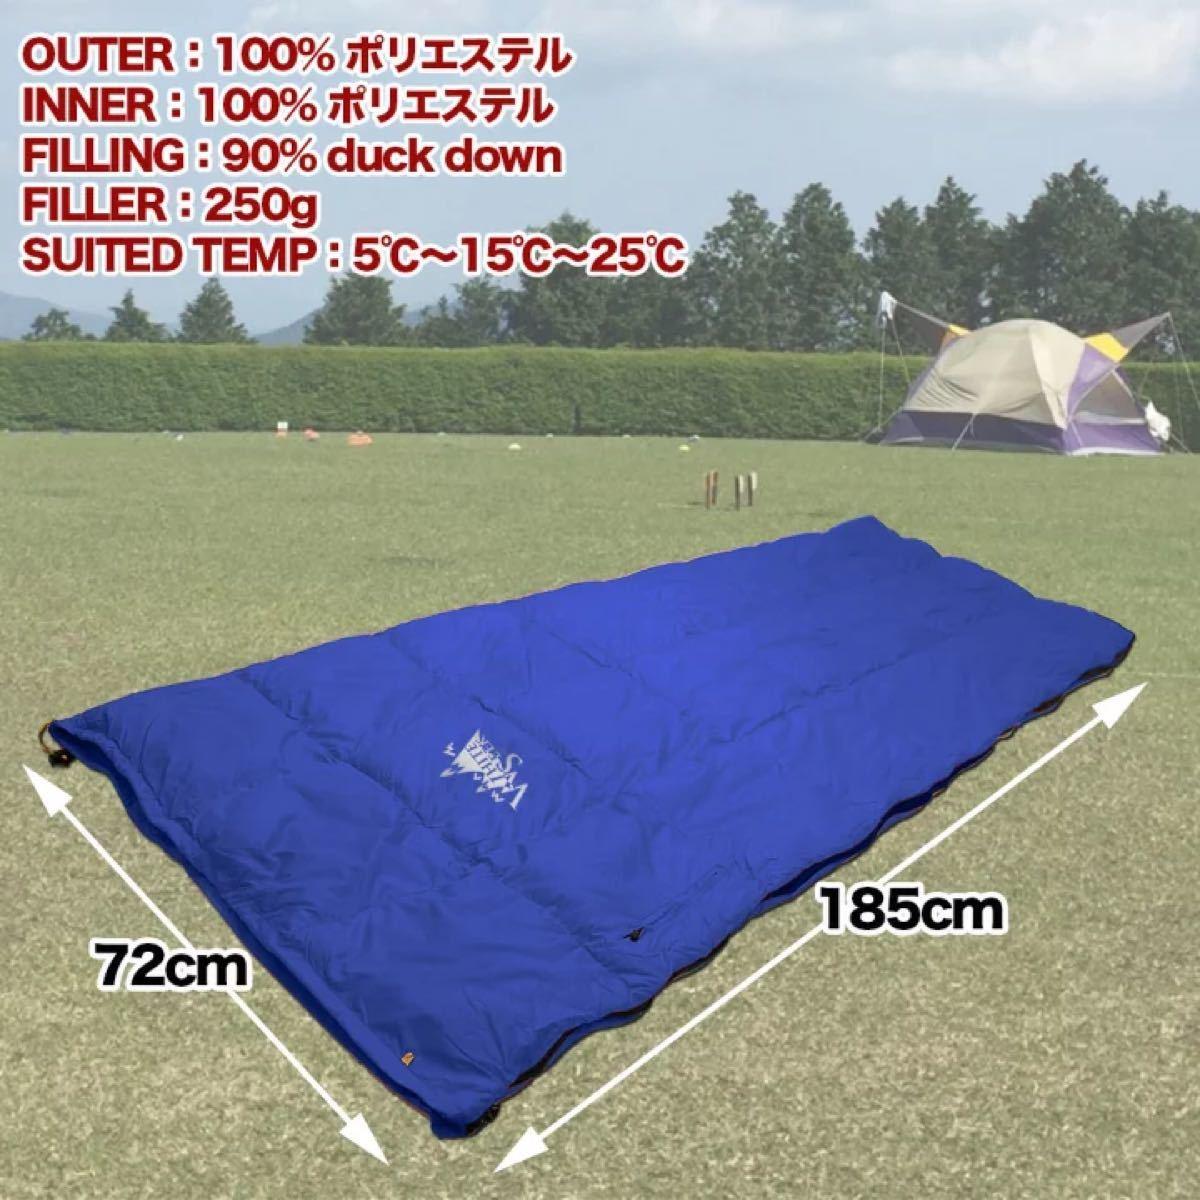 寝袋 羽毛 ダウン コンパクト 手のひらサイズ シュラフ アウトドア ブルー アウトドア 防災 地震対策 小さい